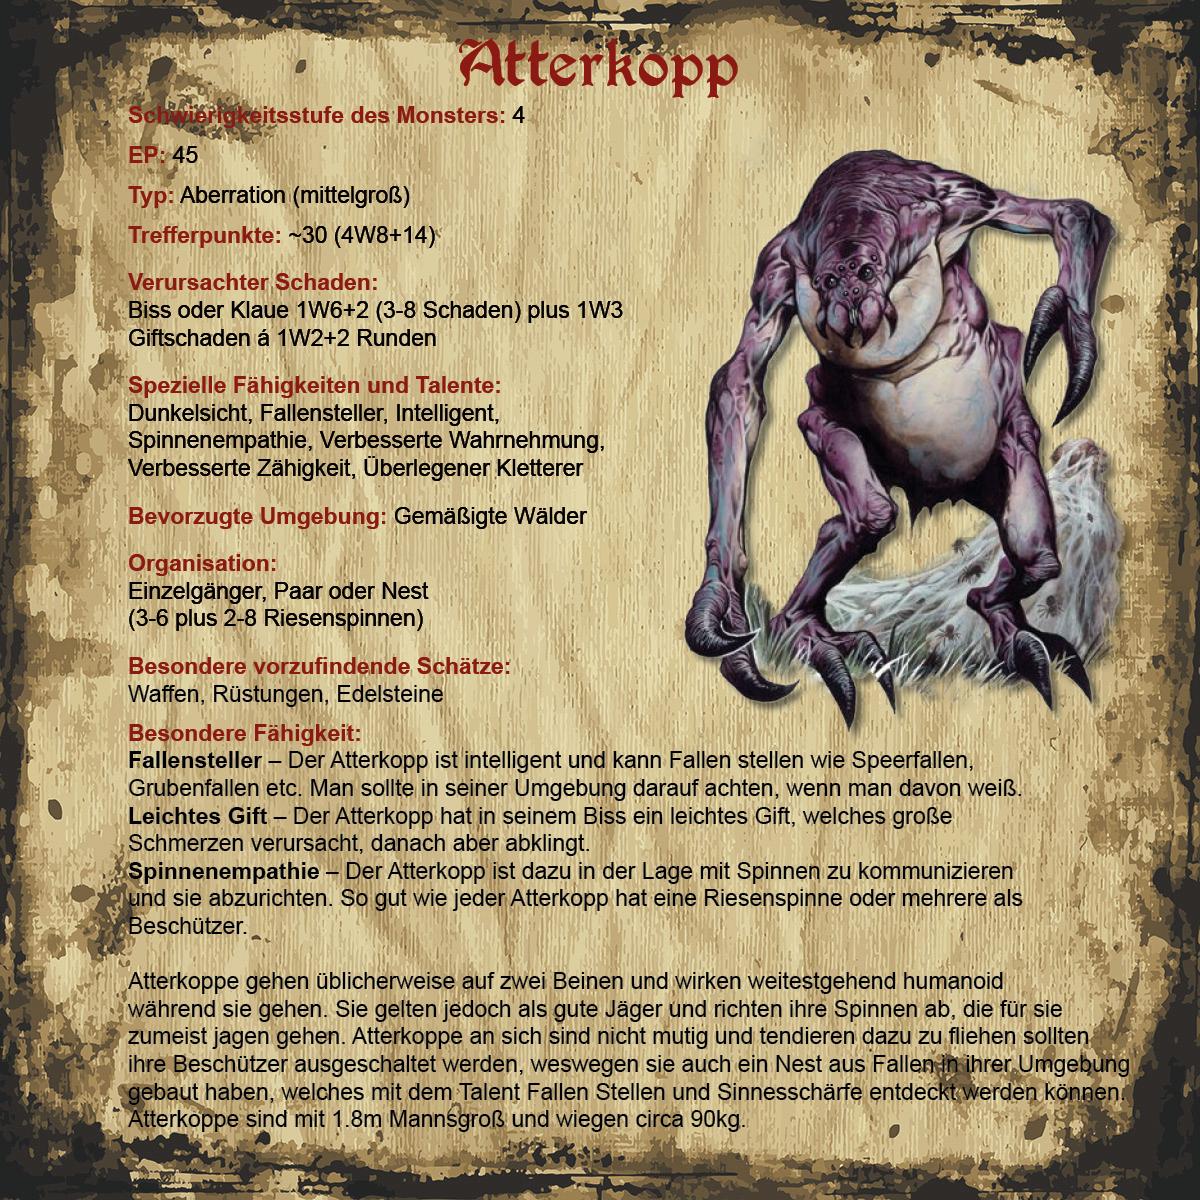 Atterkopp | Revaria Wiki | FANDOM powered by Wikia